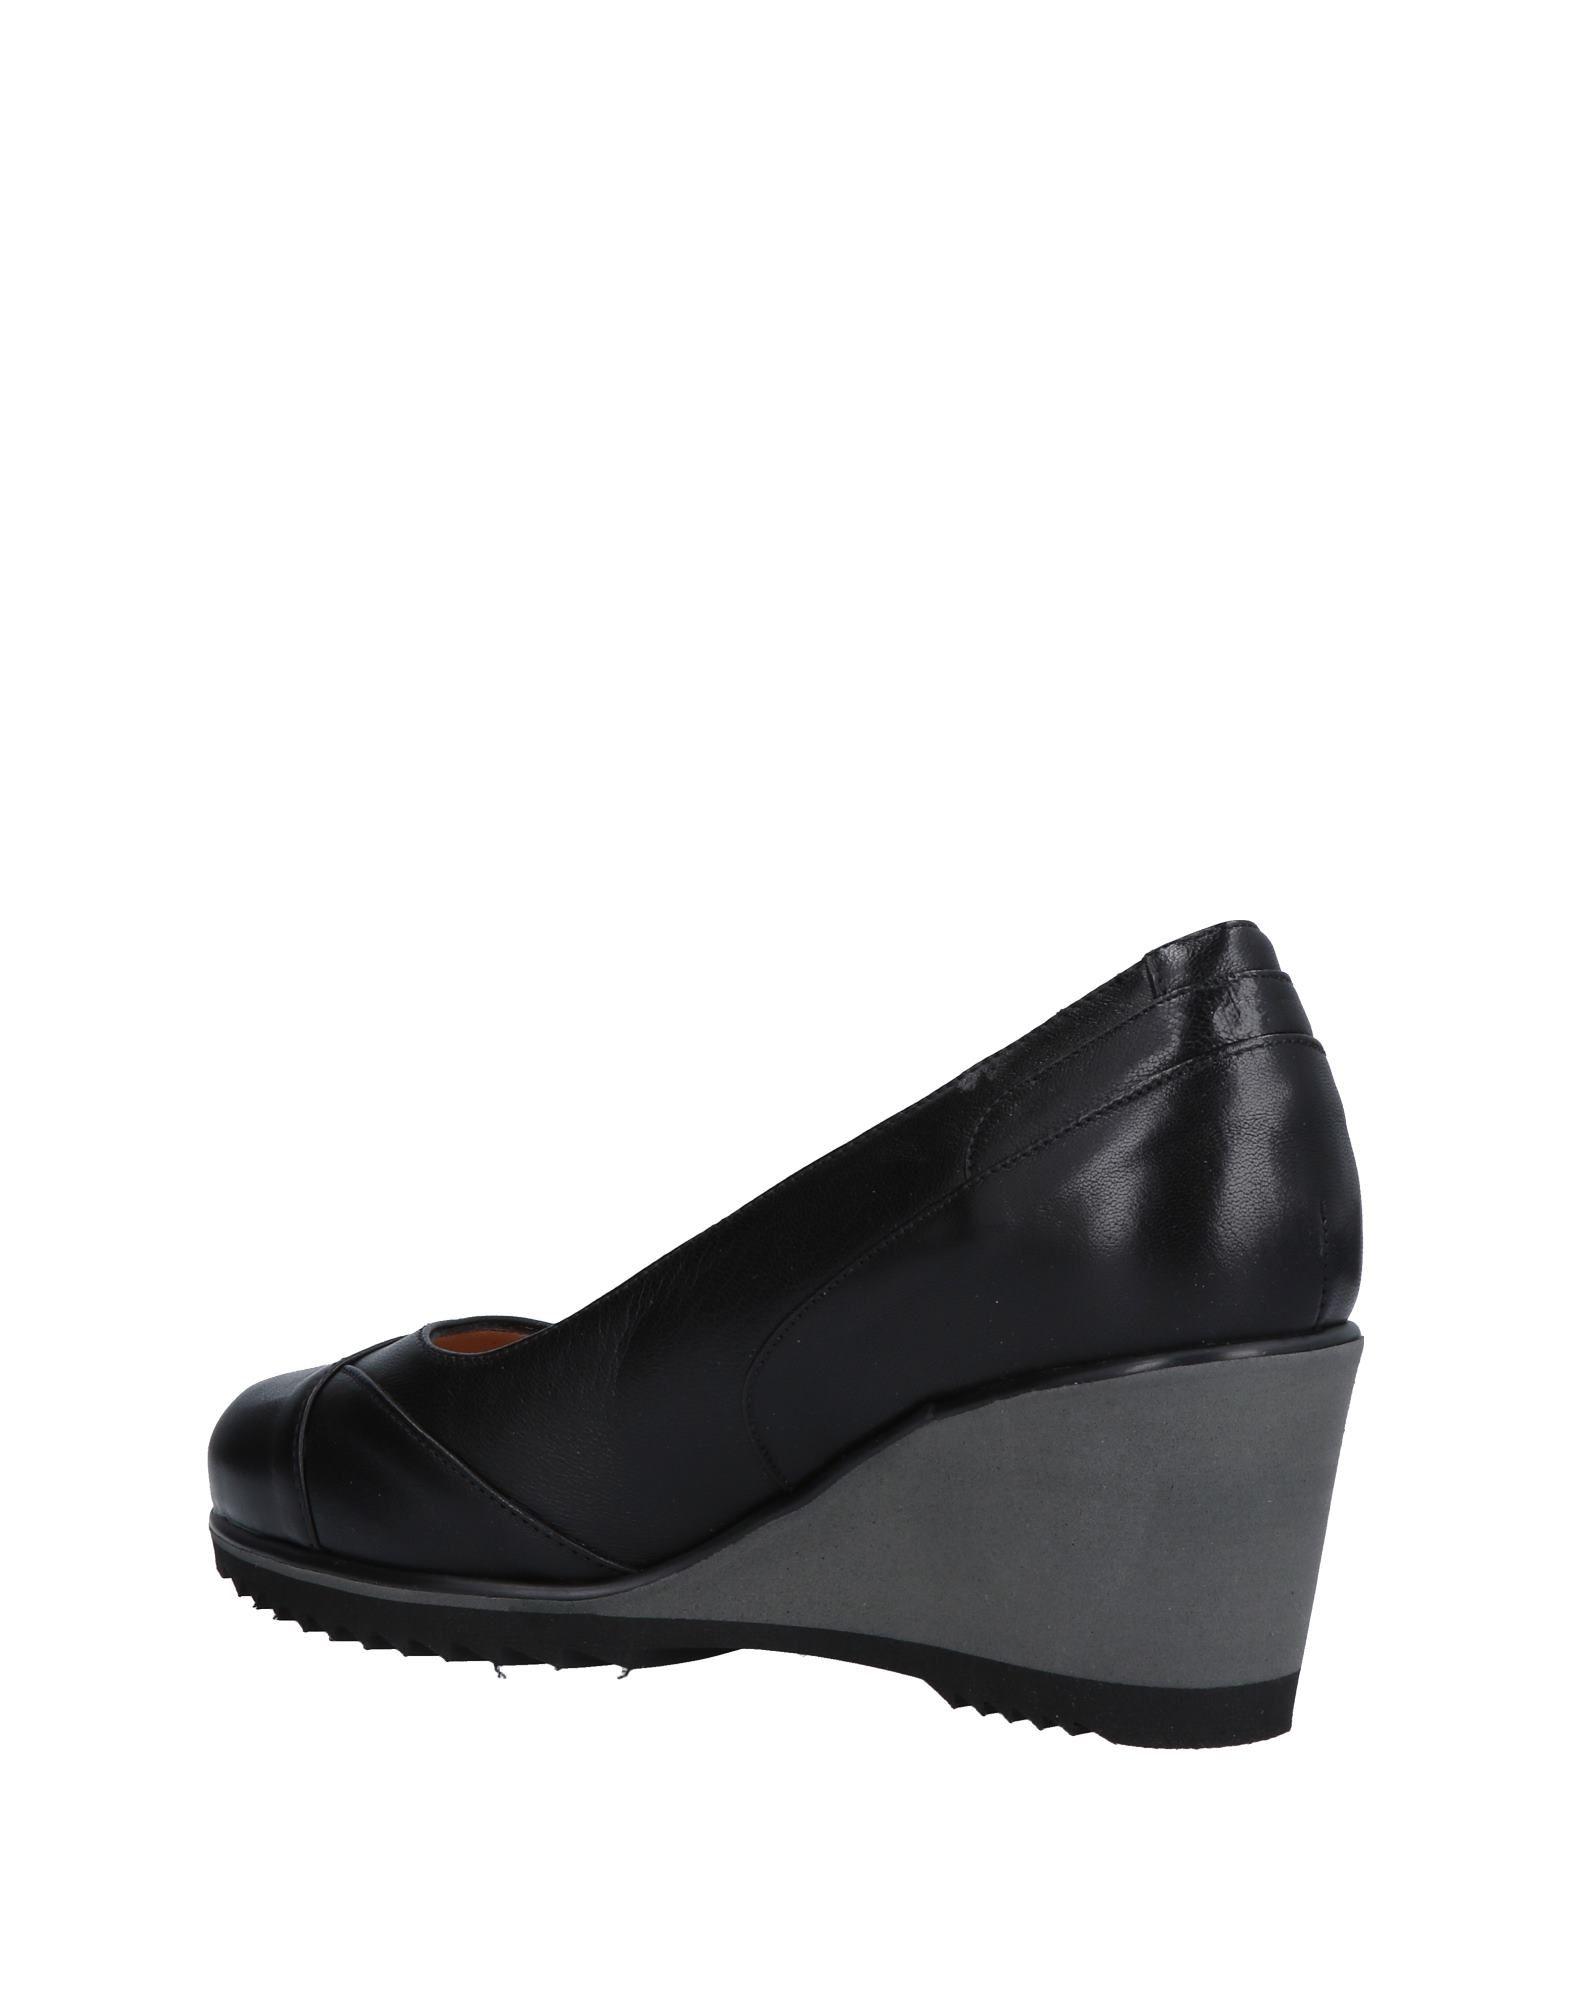 Donna Schuhe Soft Pumps Damen  11486739CK Neue Schuhe Donna 005cdd